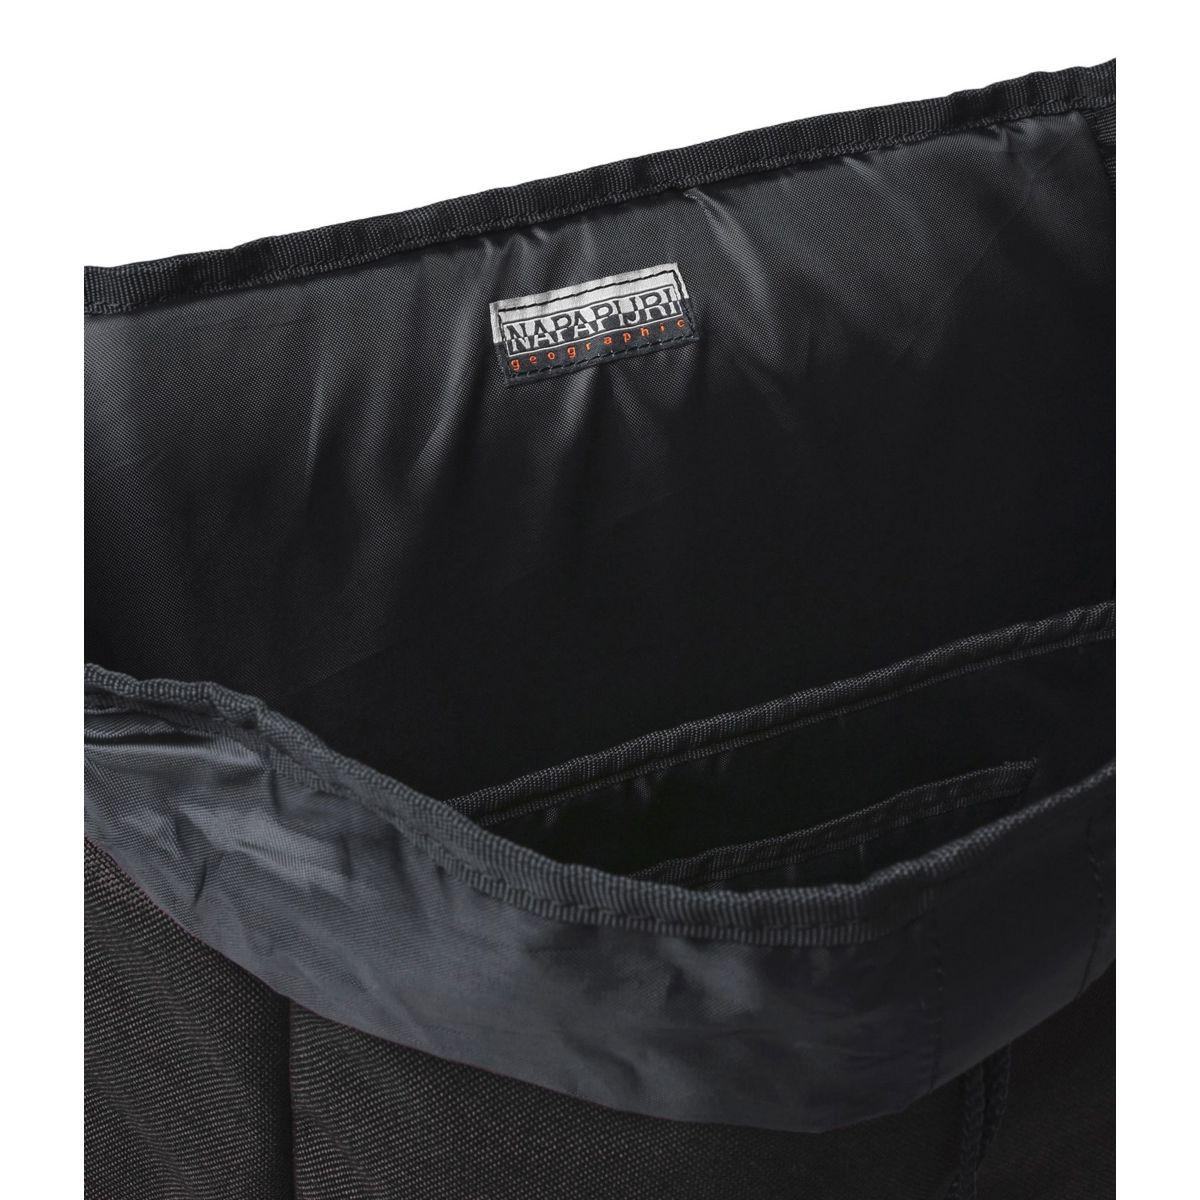 Napapijri Backpack Hoyal at £43